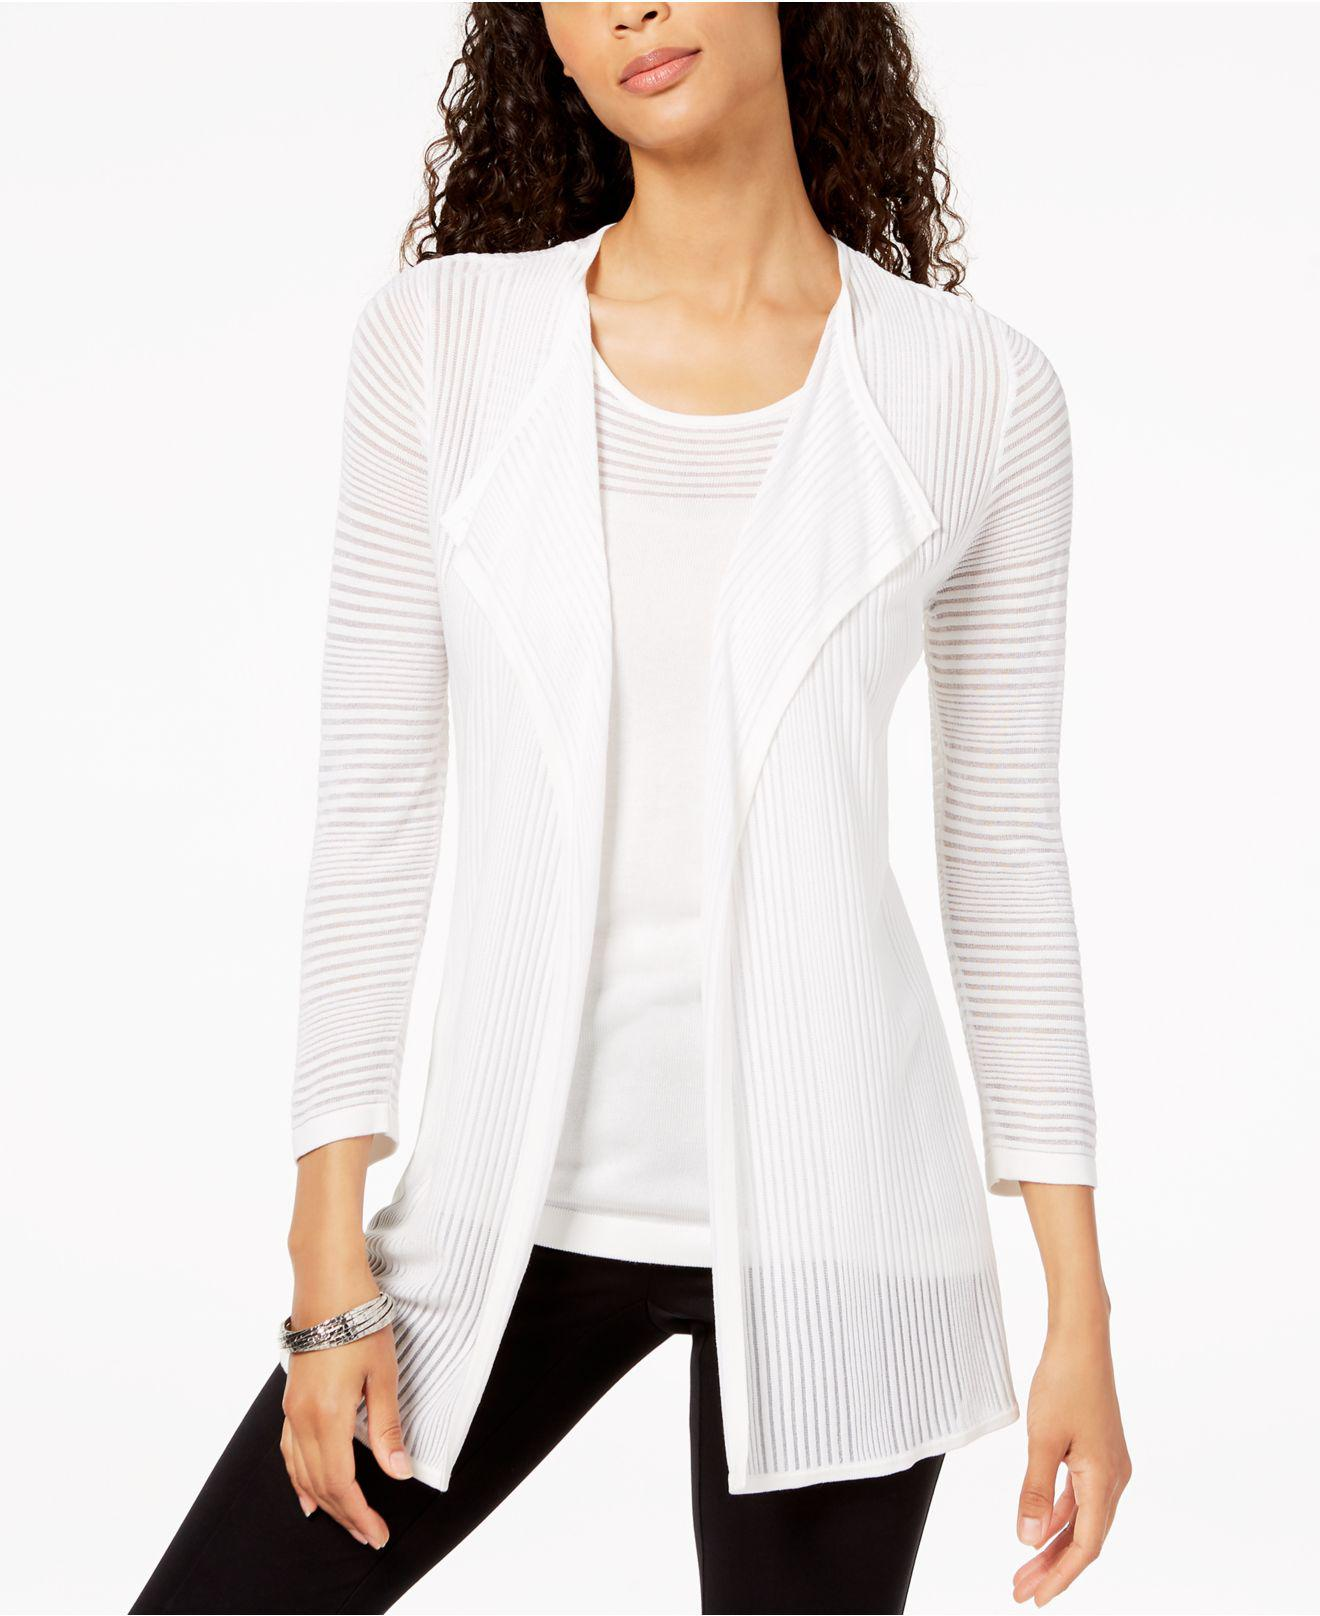 8a8c0f04fd Lyst - Kasper Shadow-striped Open-front Cardigan in White